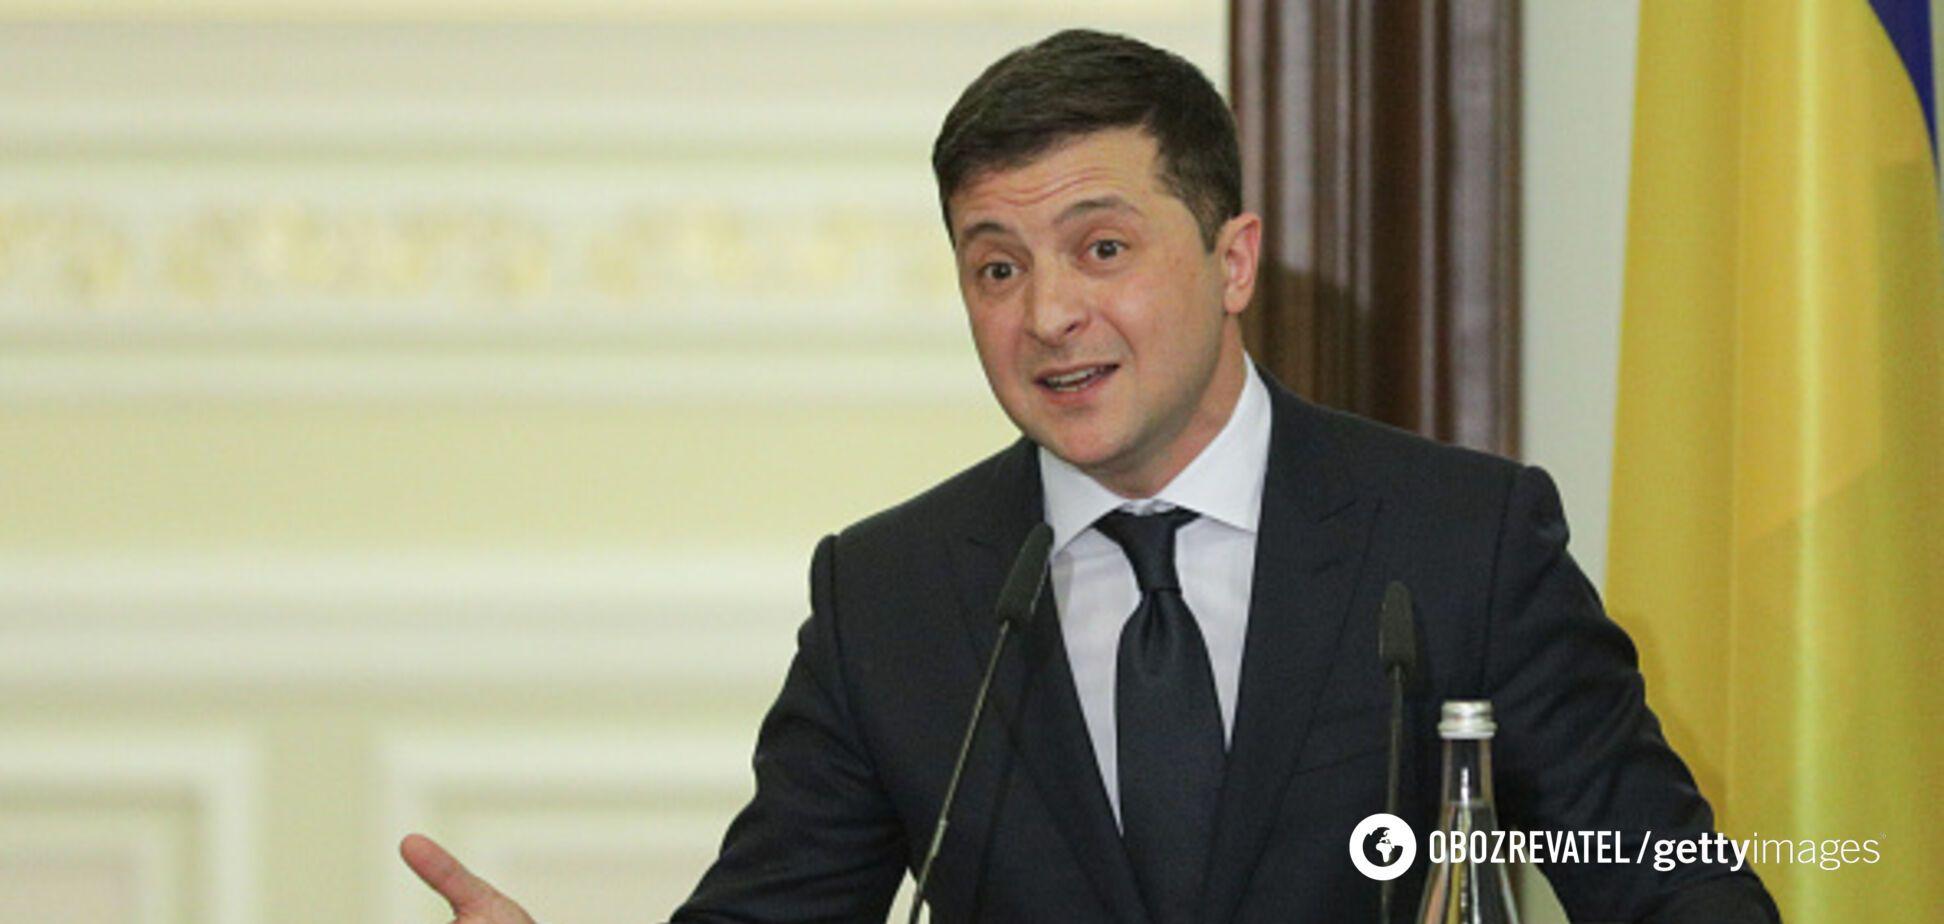 Платежки стали меньше, но эпоха бедности продолжается: Зеленский поспорил с журналисткой на своей пресс-конференции